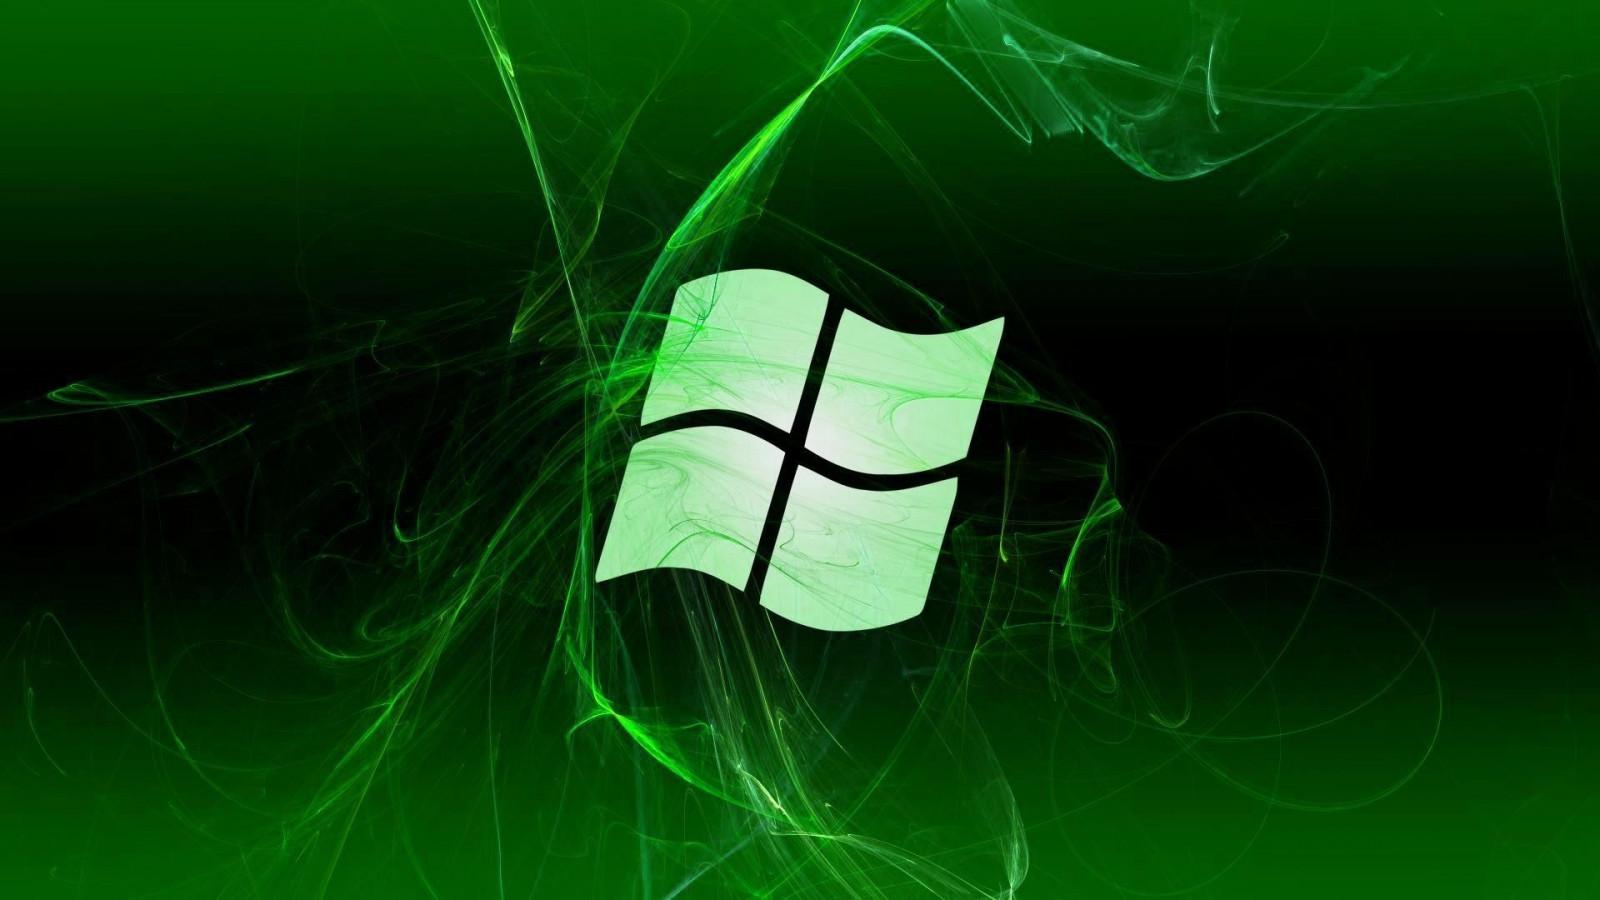 図, 緑, Microsoft Windows, レーザ, 光, 色, 花, ライン, 闇, スクリーンショット, コンピュータの壁紙, マクロ撮影